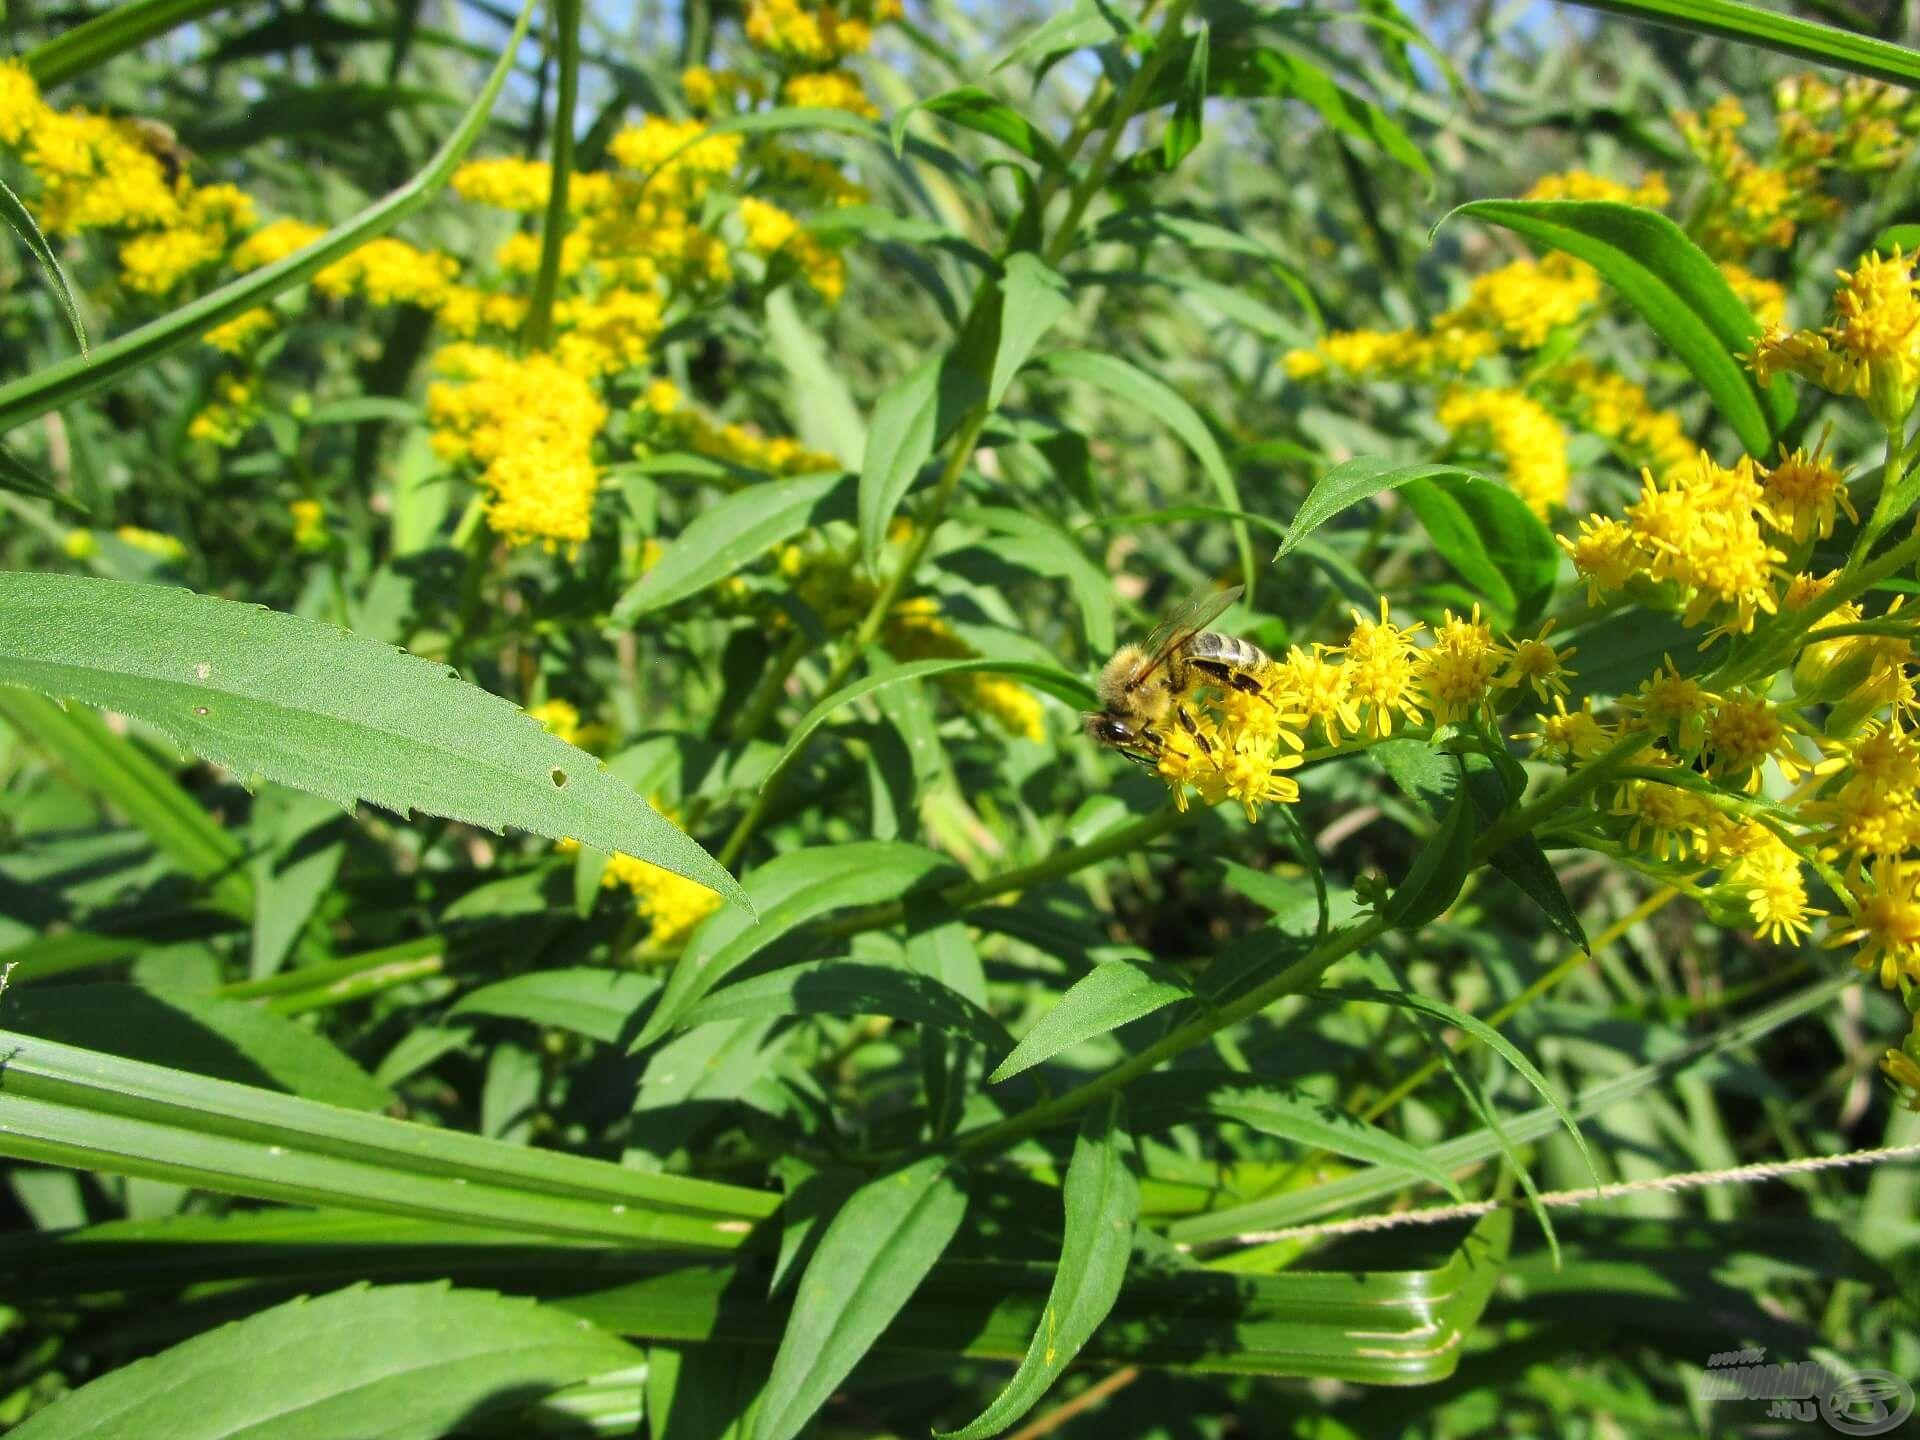 A méhecskék szorgalmasan gyűjtötték a nektárt